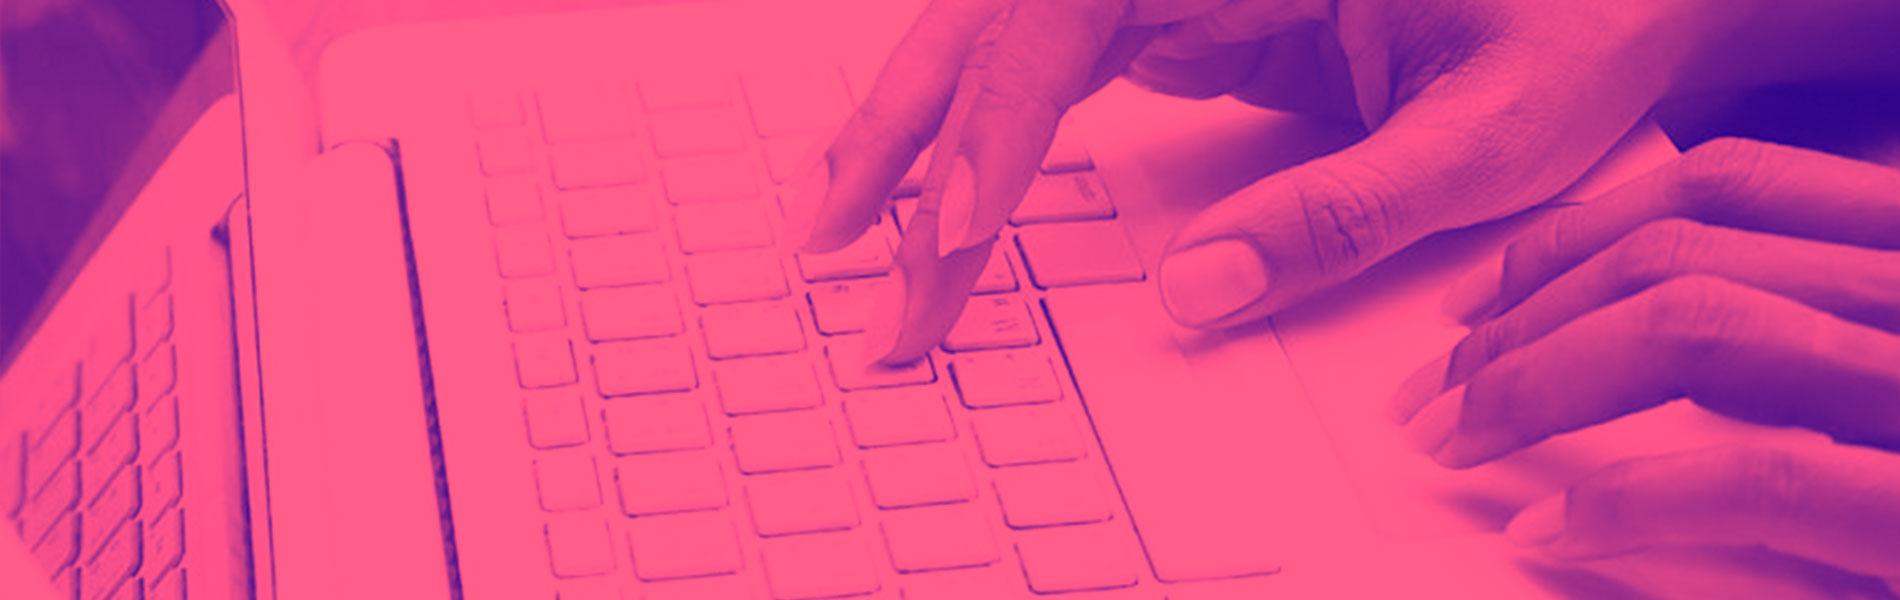 Las ferias virtuales y su importancia en marketing digital